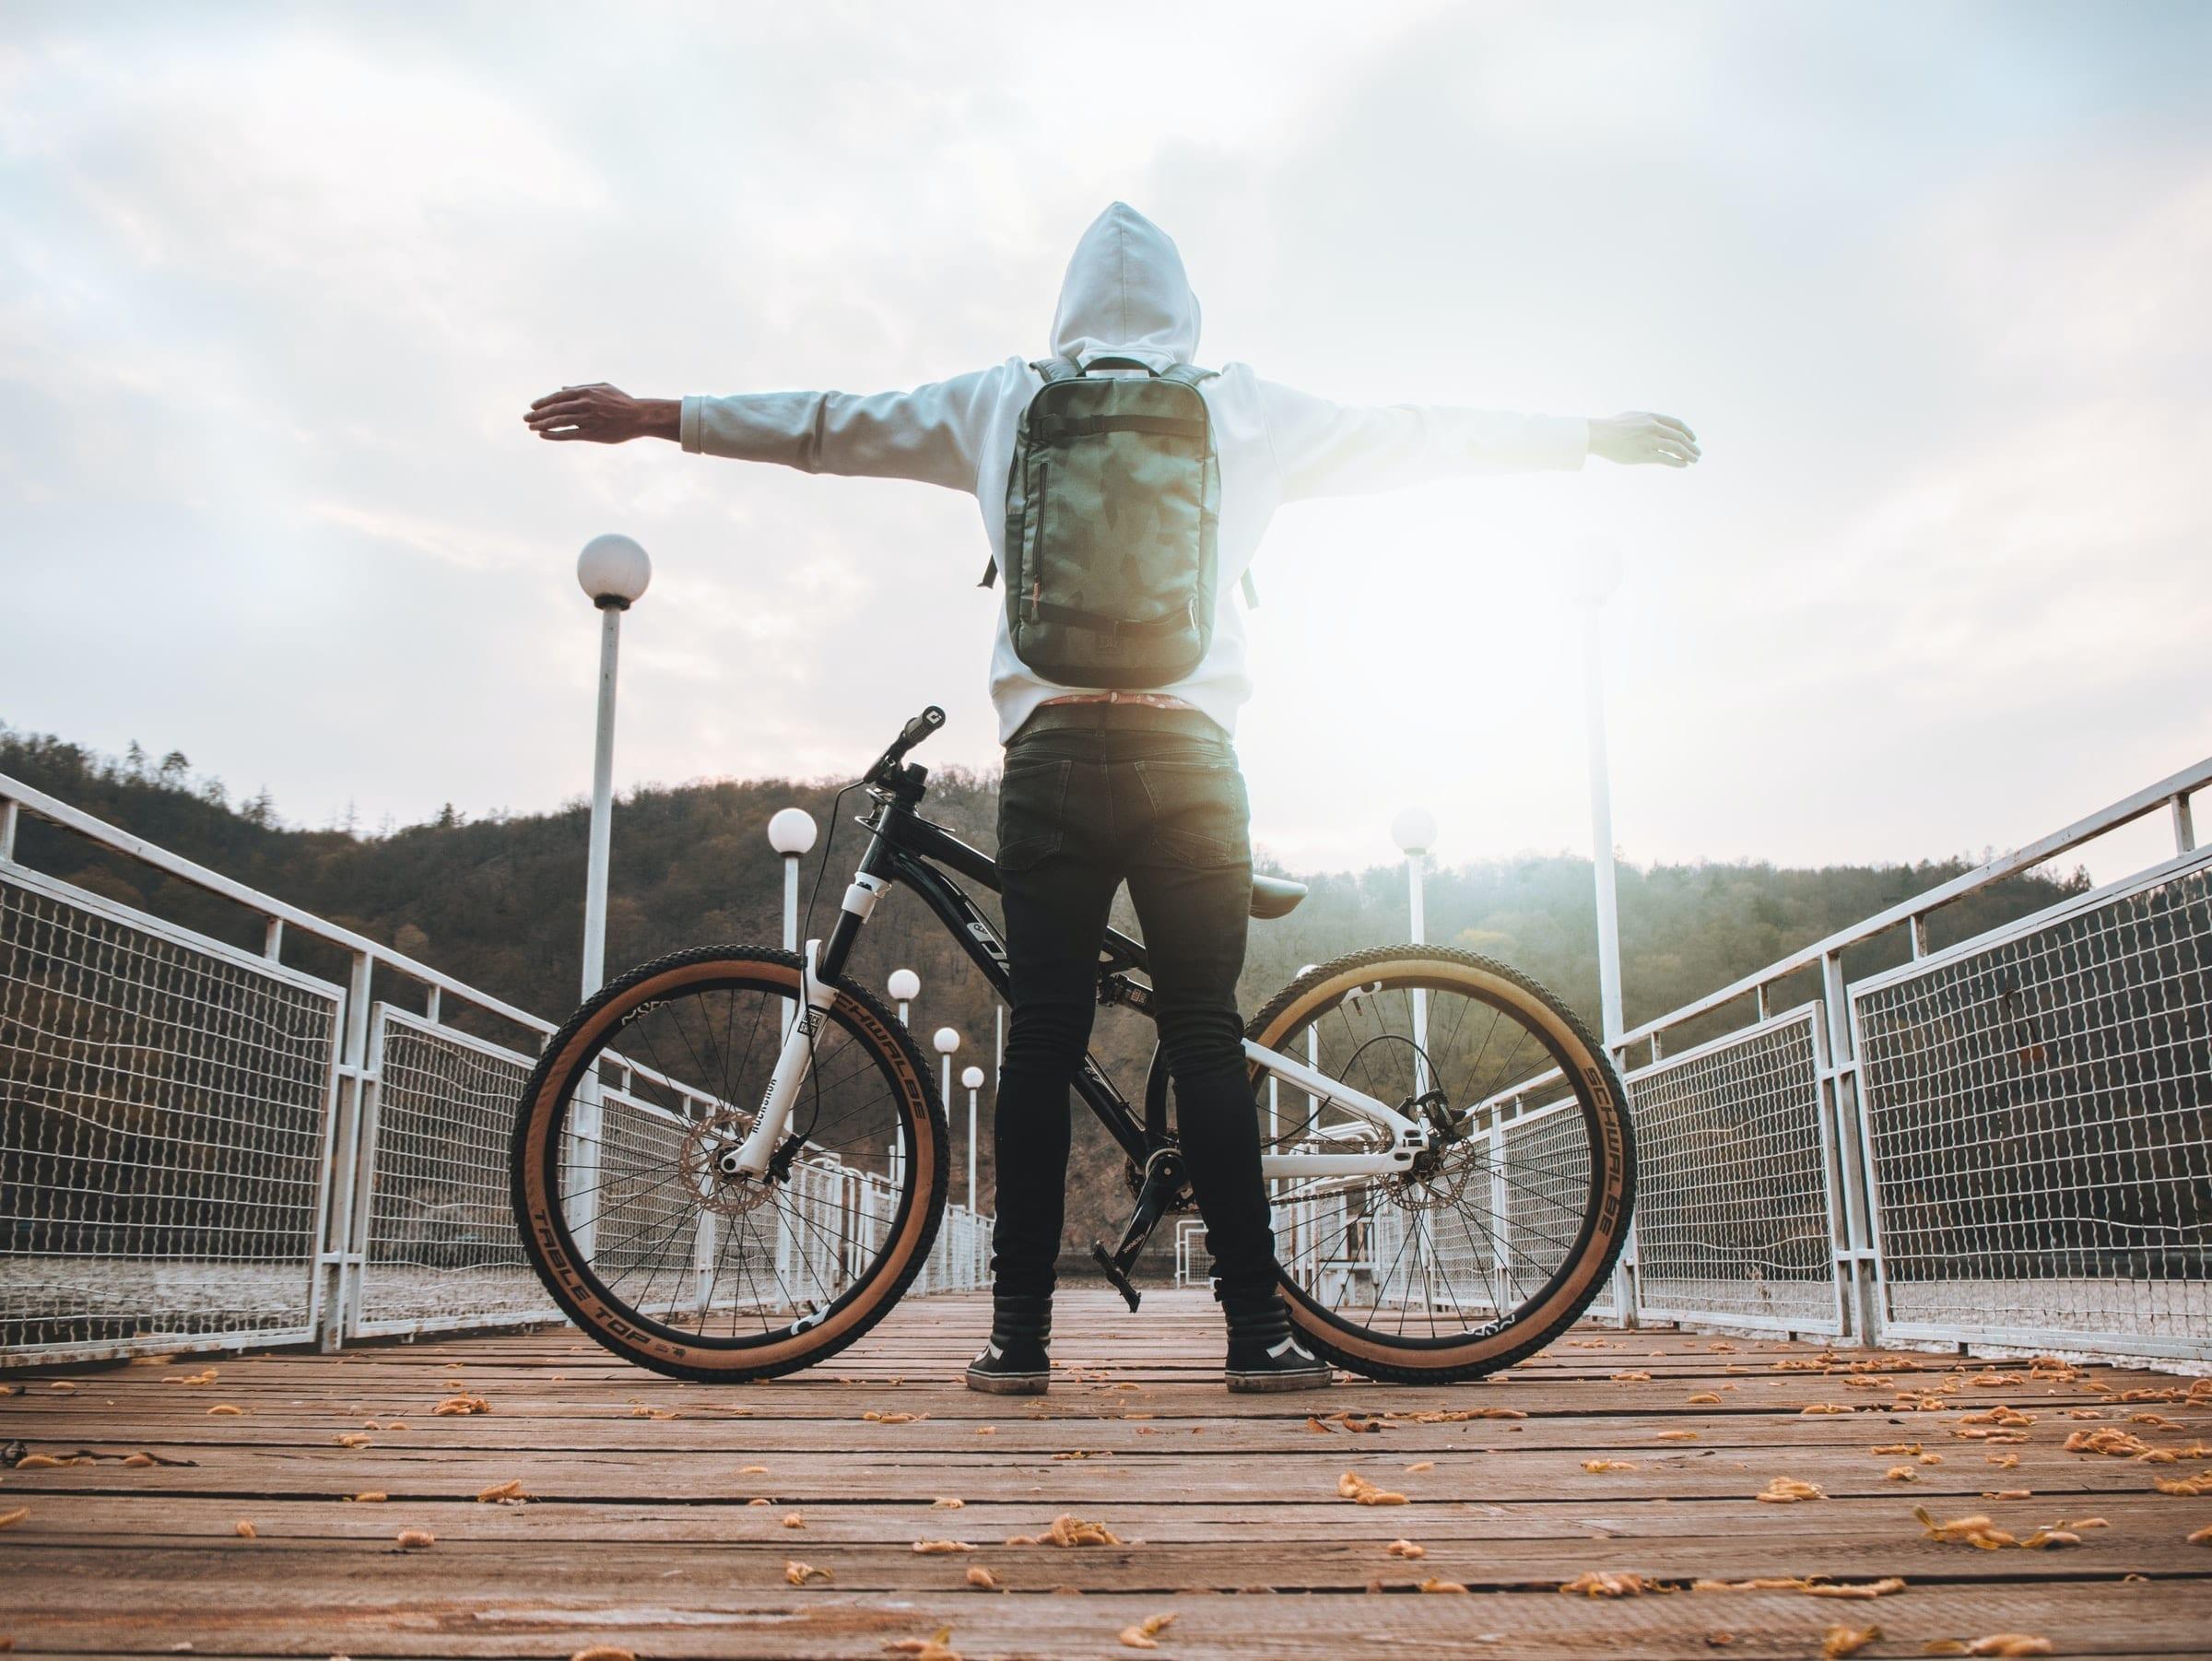 bonus bici è una grande opportunità per acquistare una bici da usare per sport all'aria aperta e vacanze nella natura nell'estate 2020